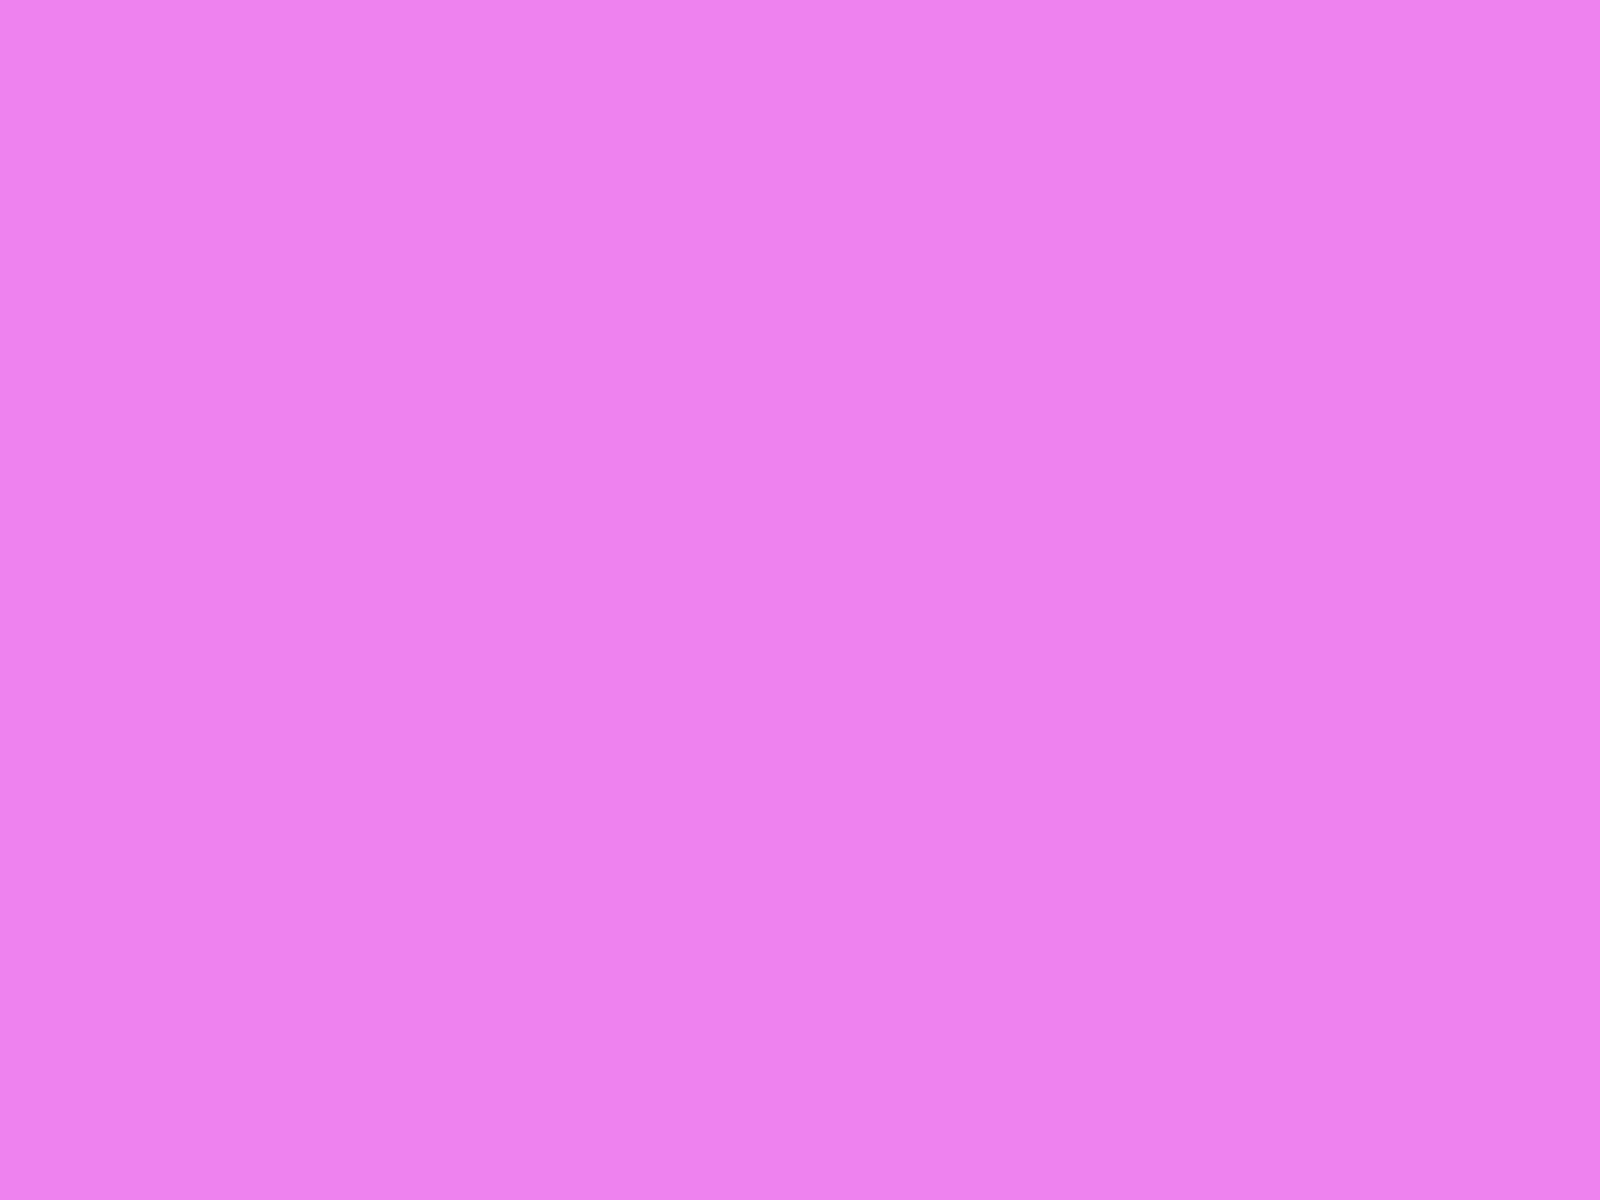 1600x1200 Violet Web Solid Color Background